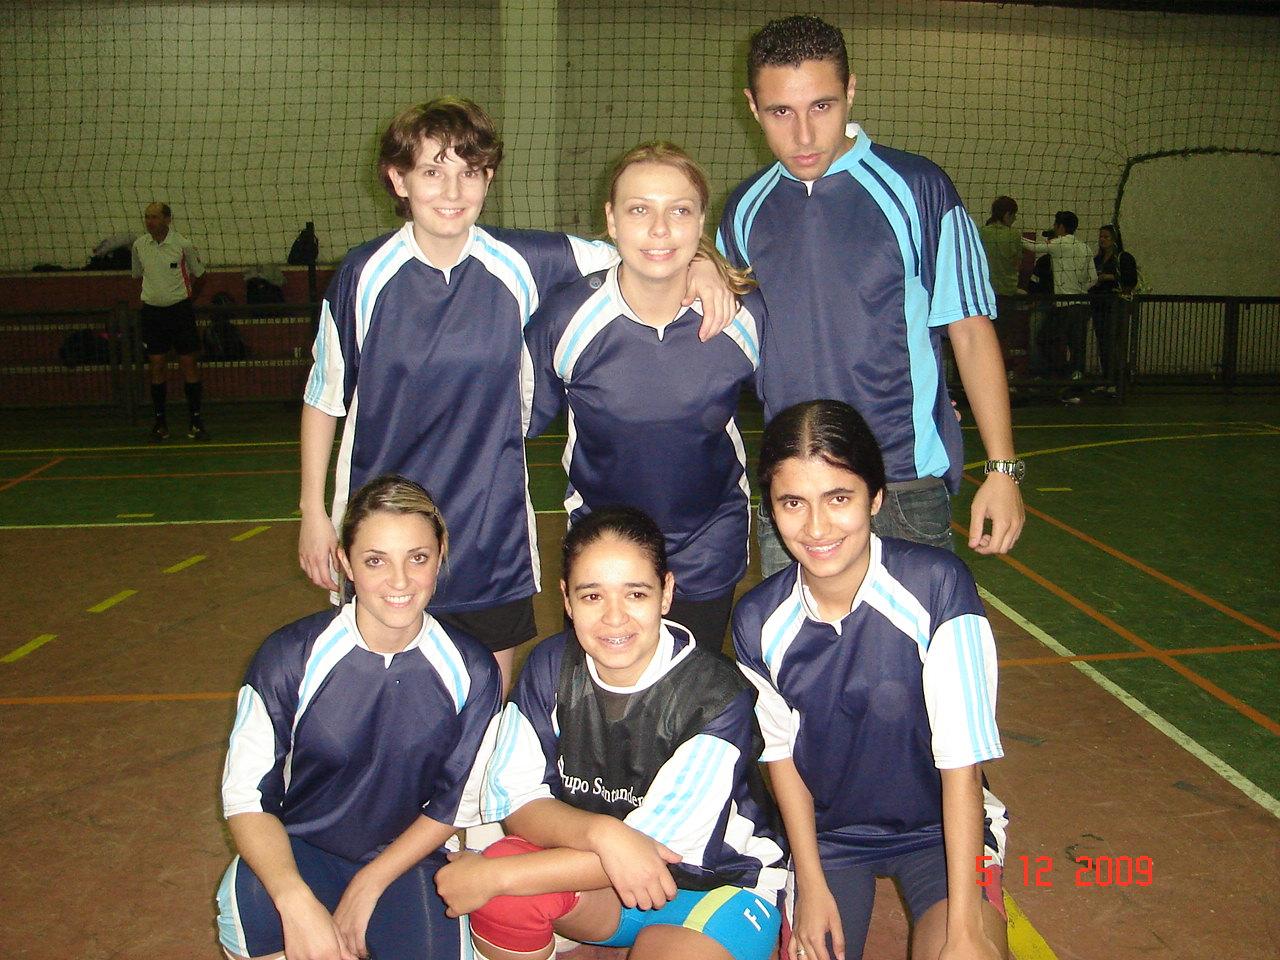 ARTILHEIRA - CAROLINE M FERREIRA da equipe Play girls recebendo troféu de Luiz do Santander